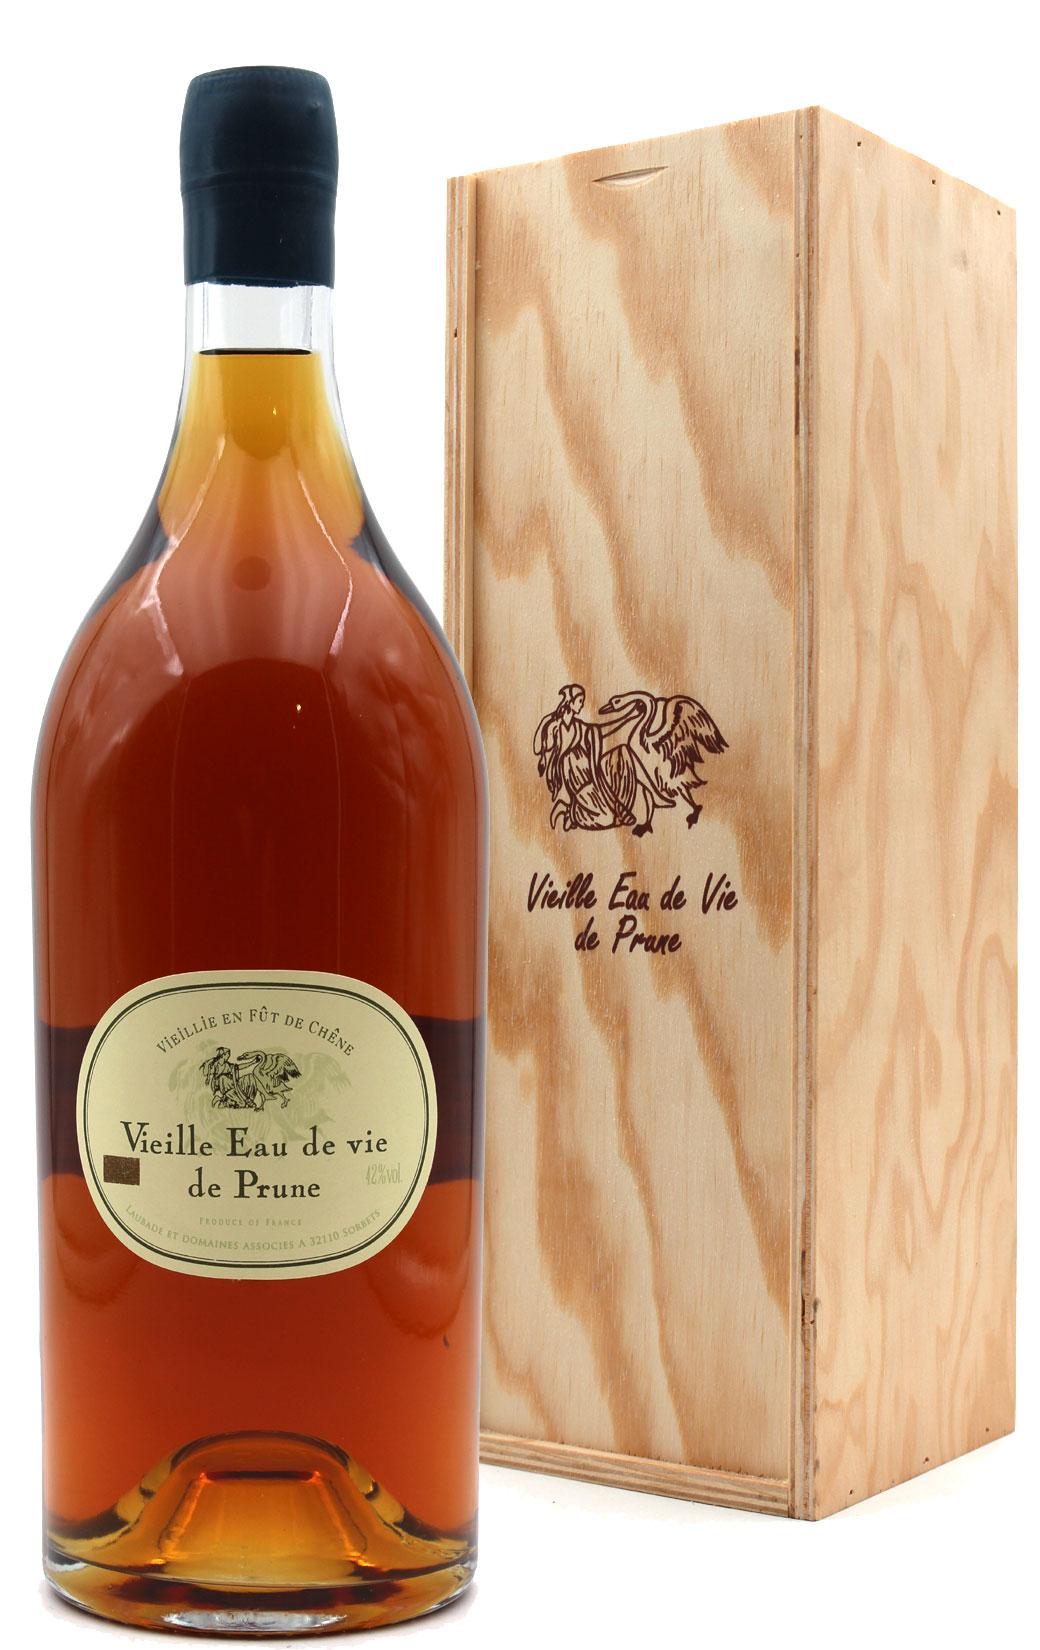 Vieille eau-de-vie de Prune Renaissance - Laubade - Magnum 150cl